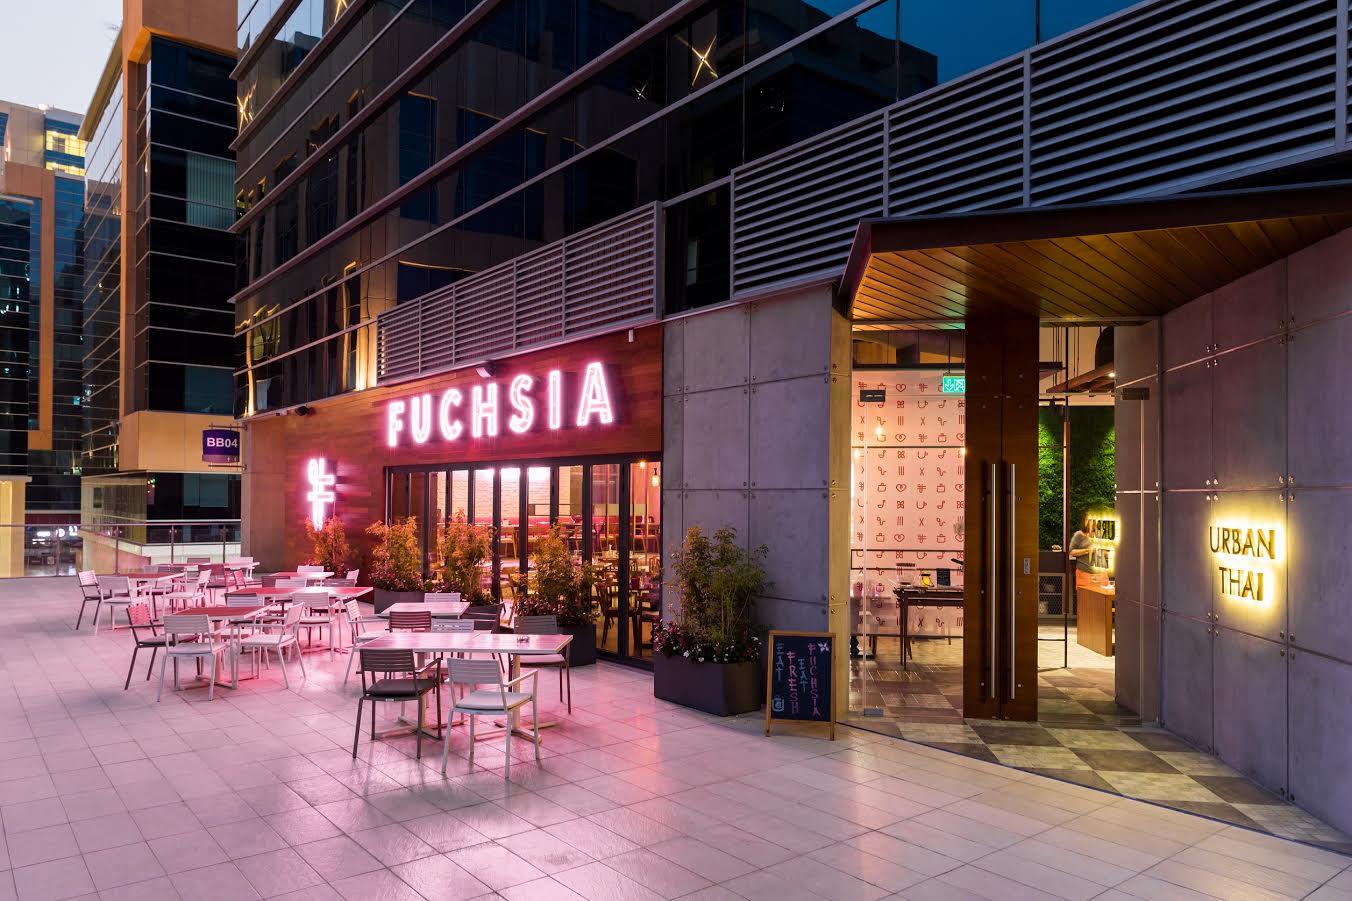 مطعم فوشيا يقدم قائمة إفطار خاصة خلال قائمة إفطار خاصة